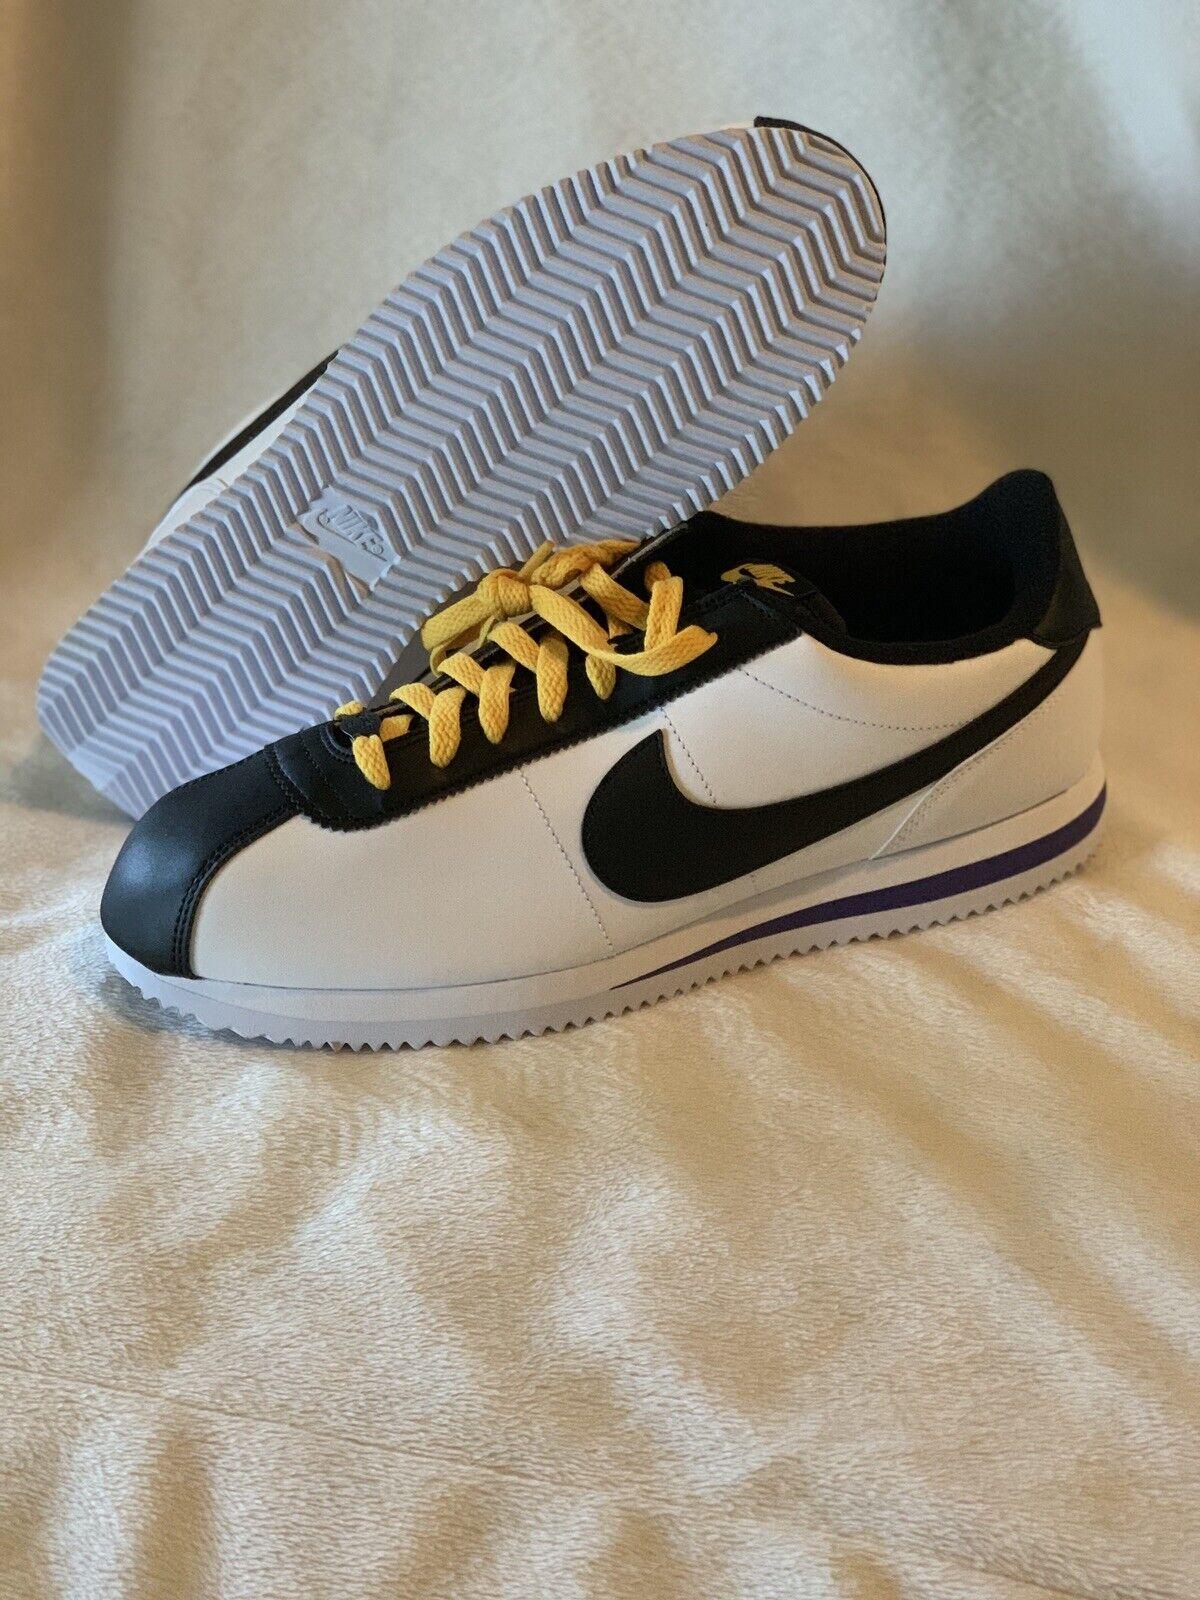 Nike Cortez Leather yellow White black Purple BV2527-100 Men Size 11.5 Lakers